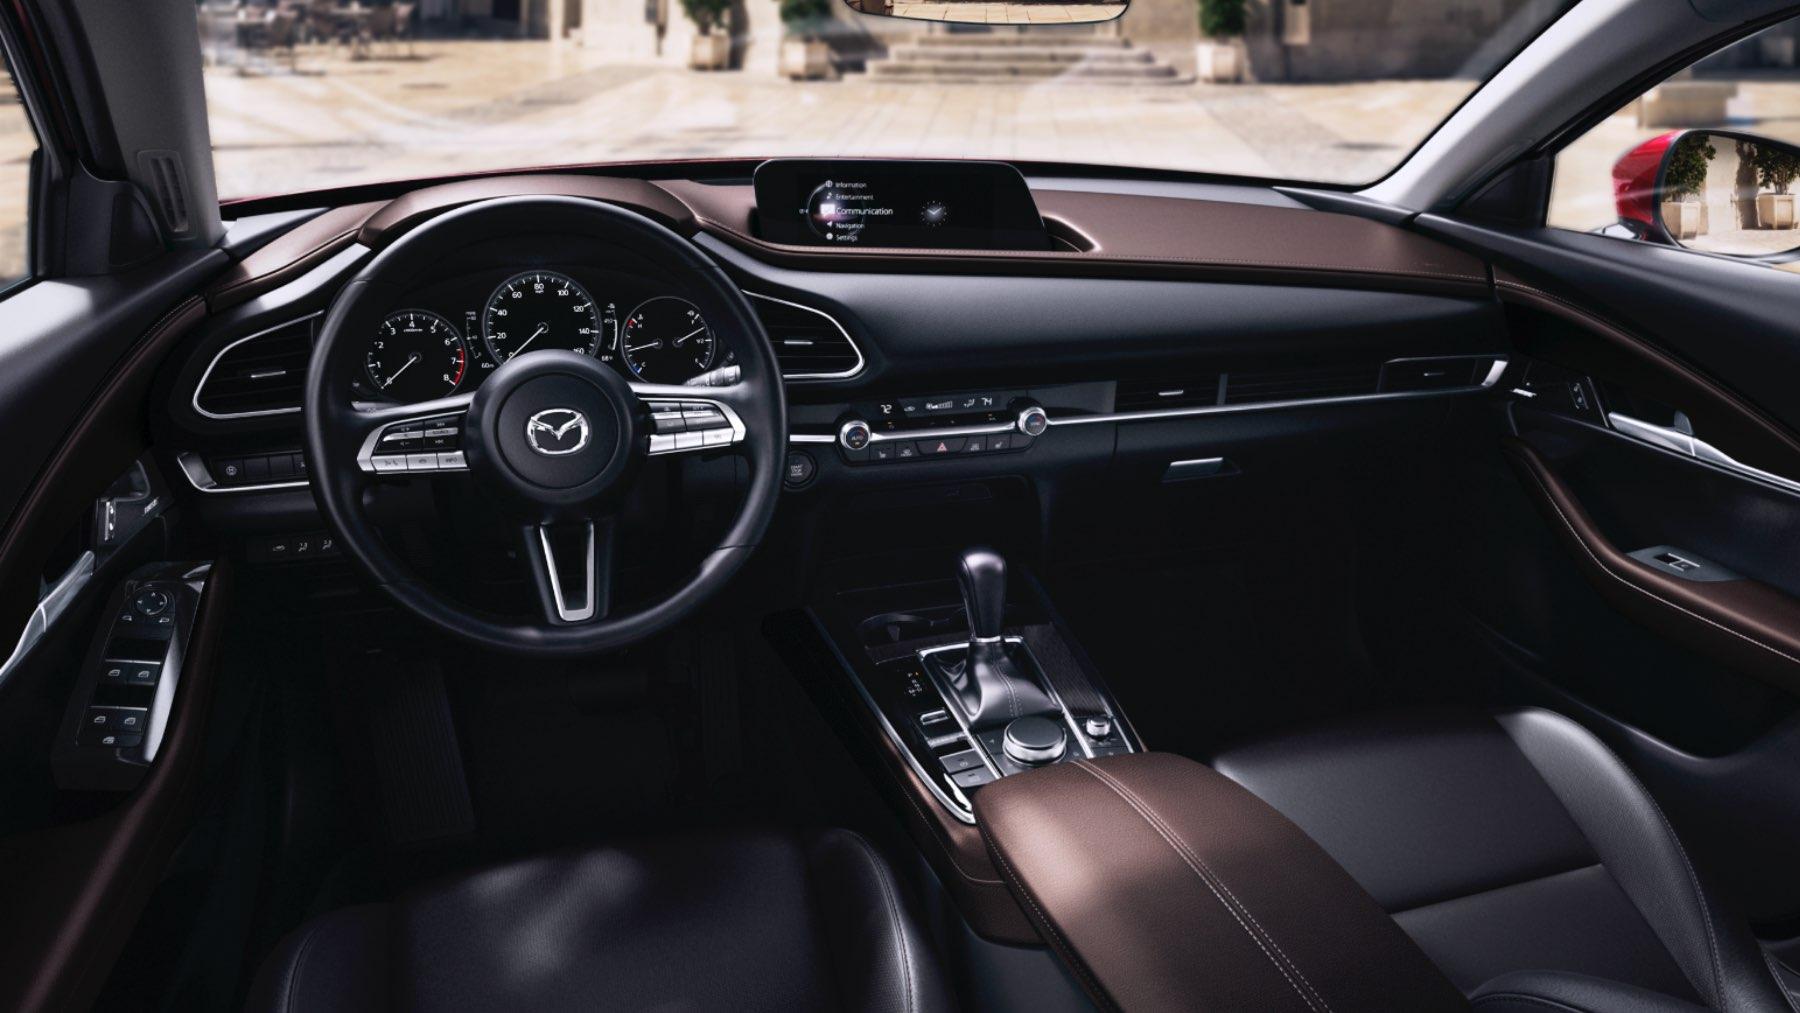 2021 Mazda CX-30 - Crossover SUV   Mazda USA